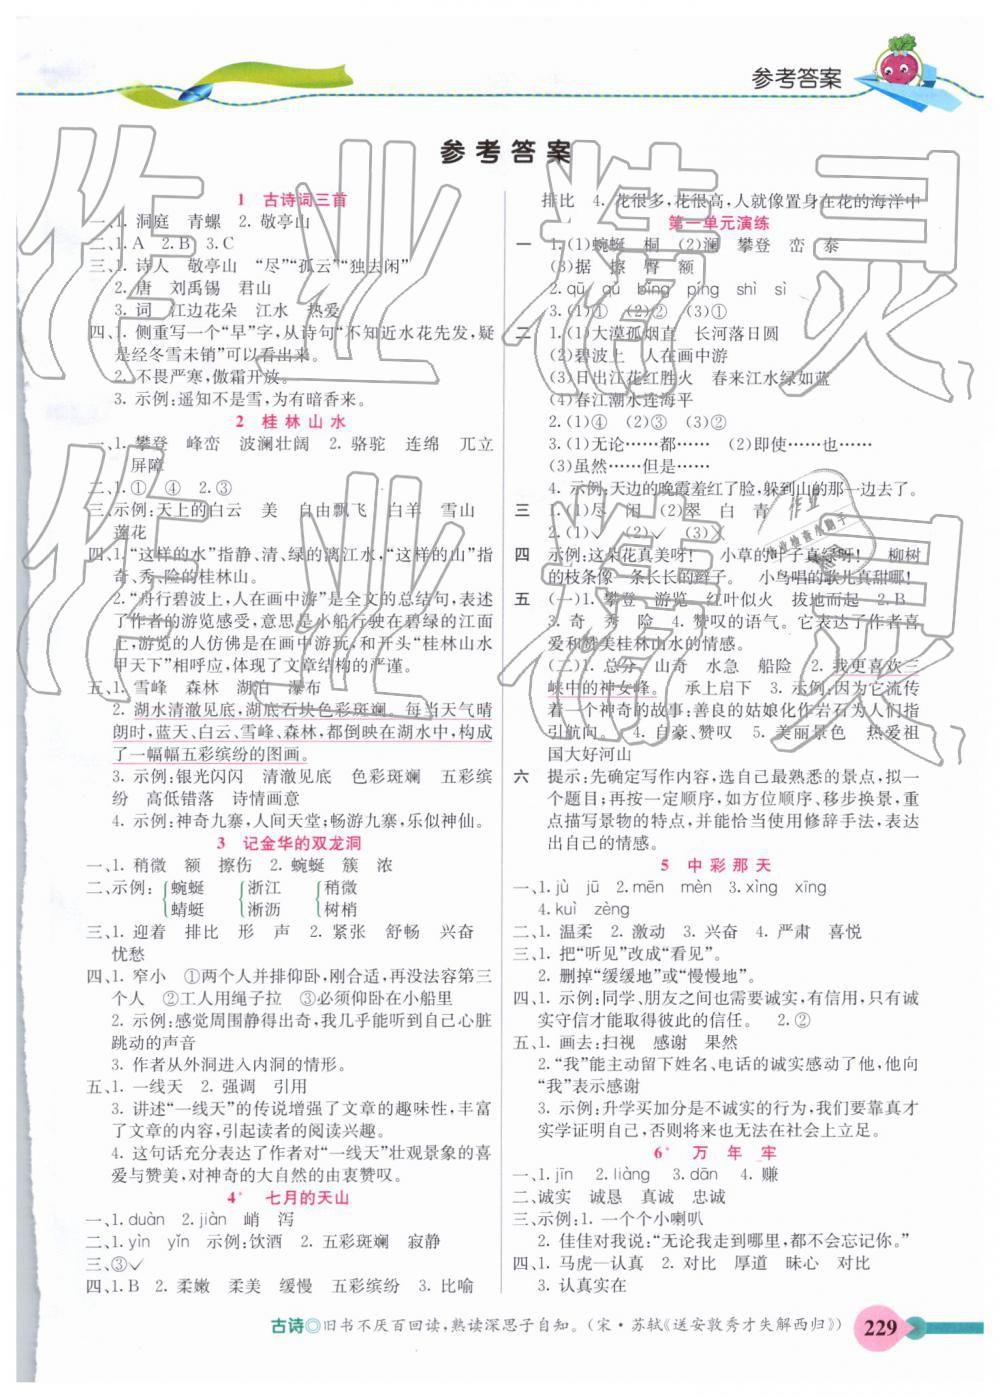 2019年五E课堂四年级语文下册人教实验版第1页